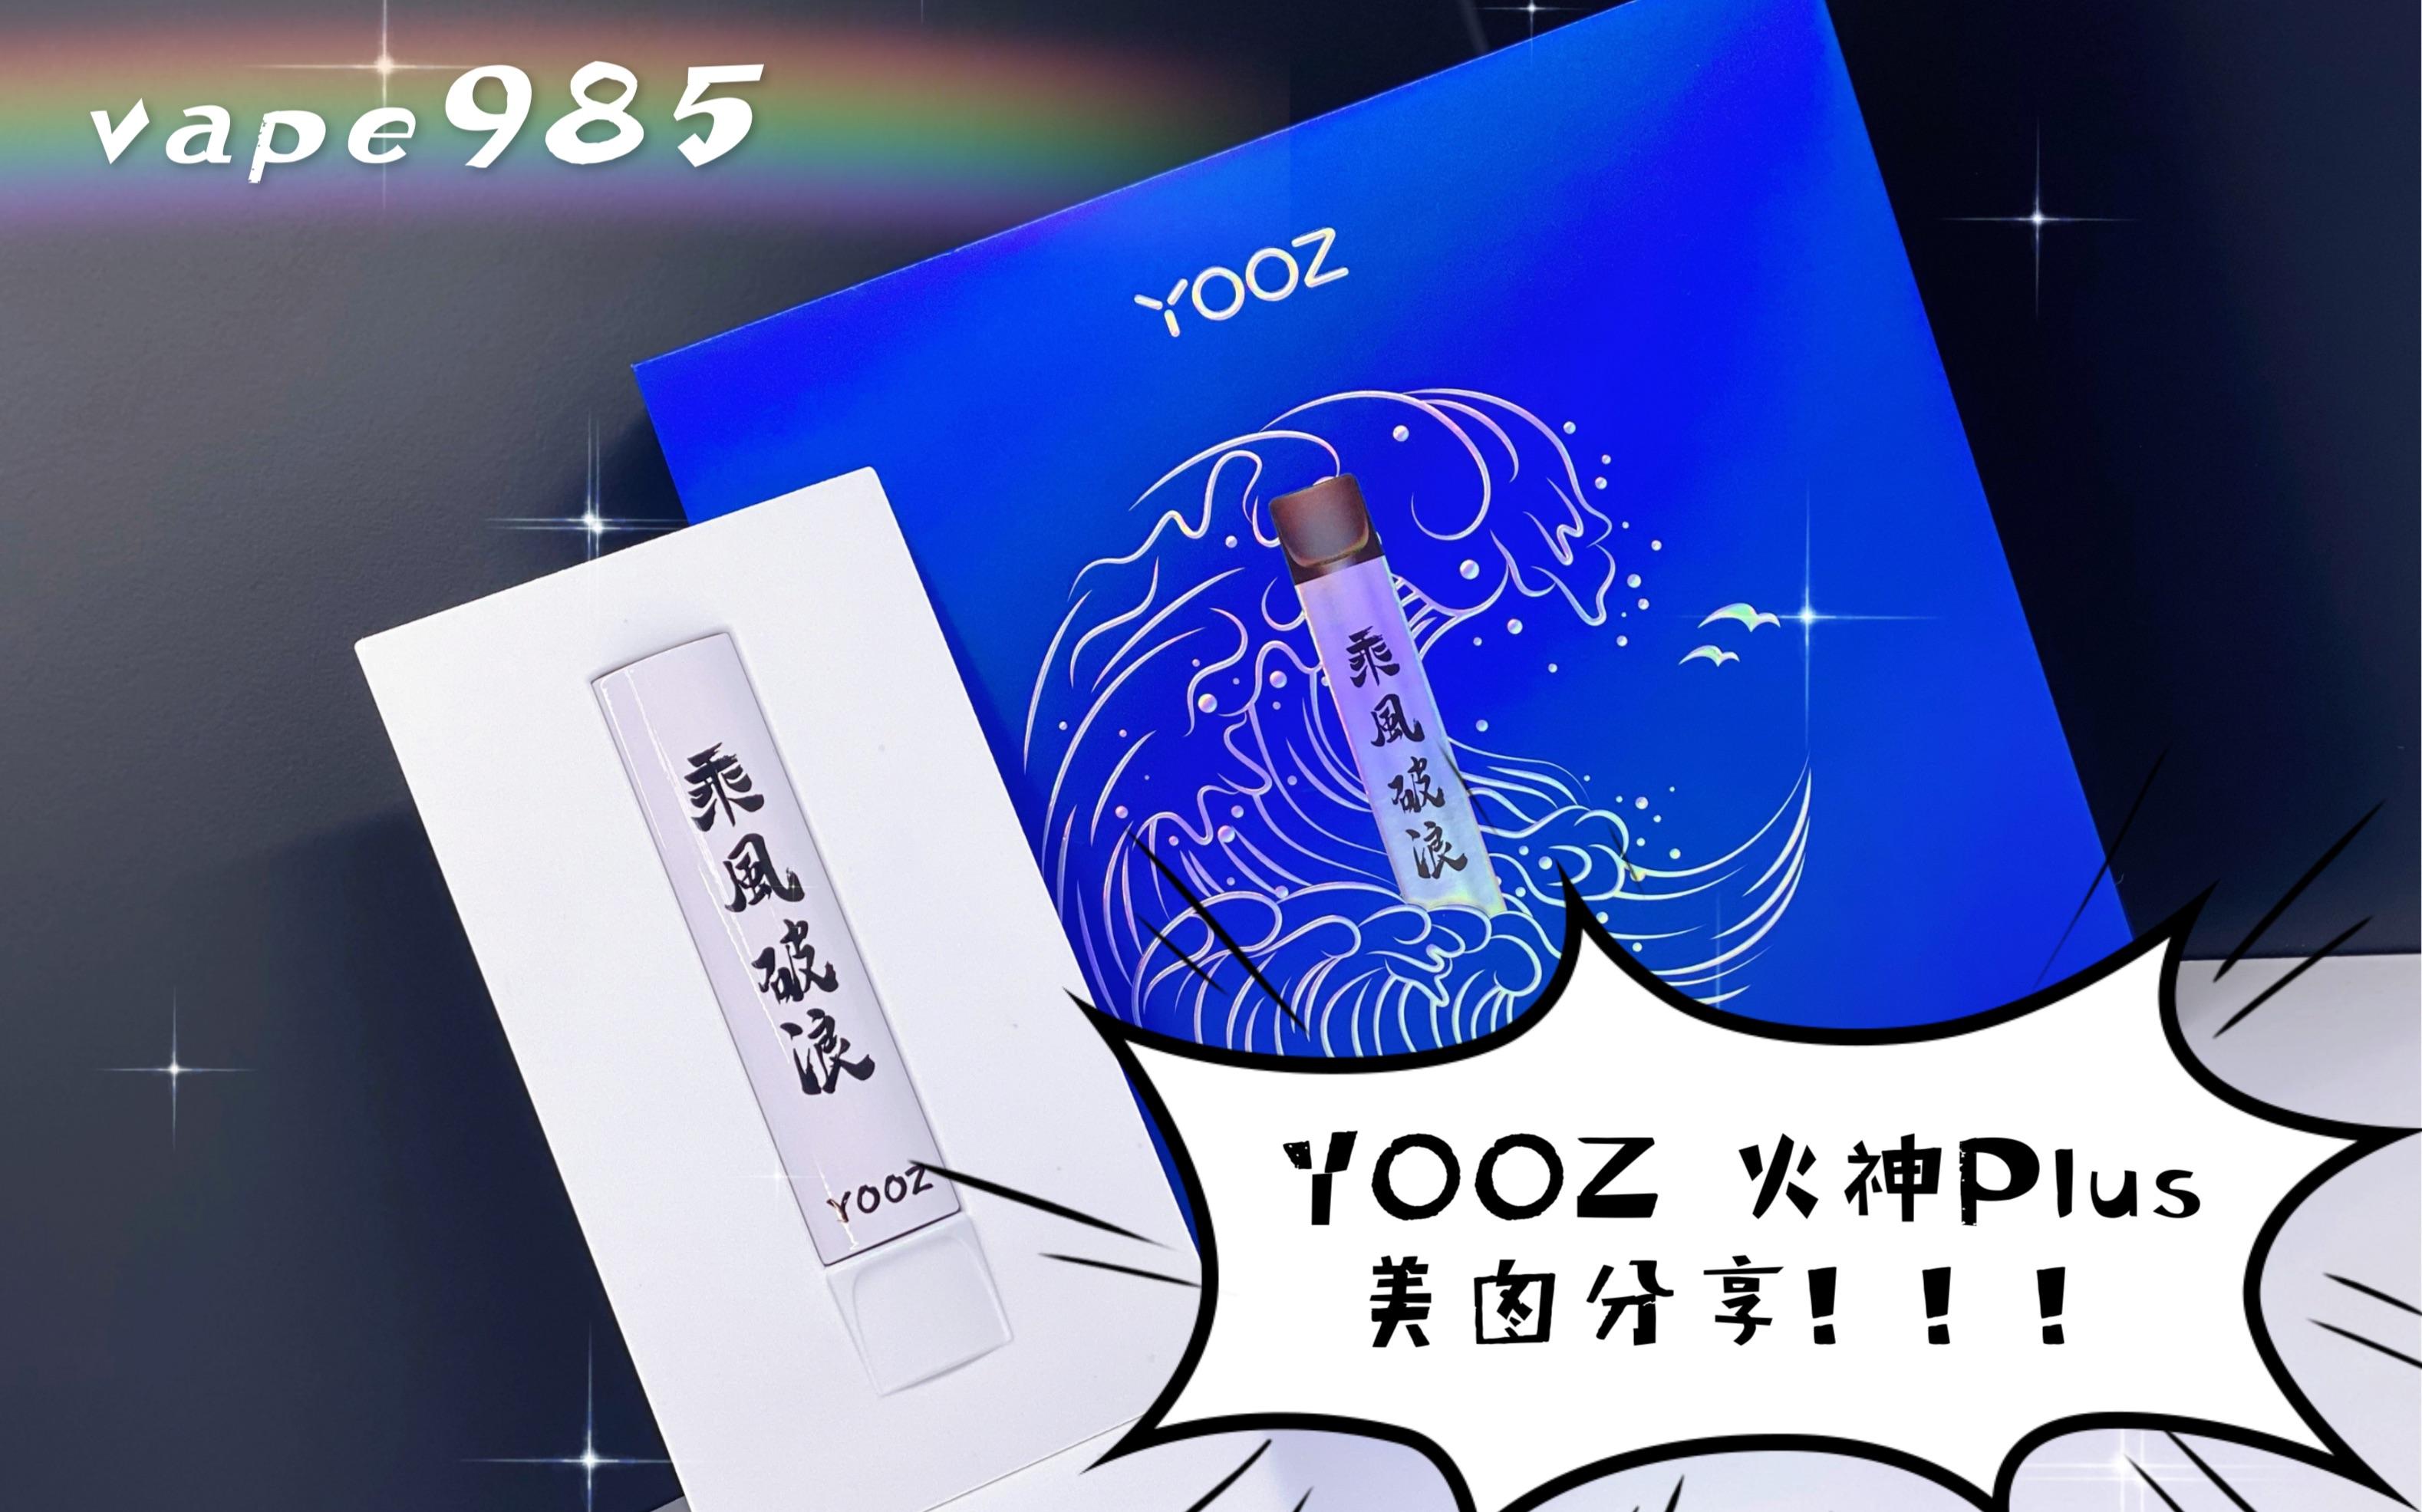 柚子/火神plus 美图分享!!